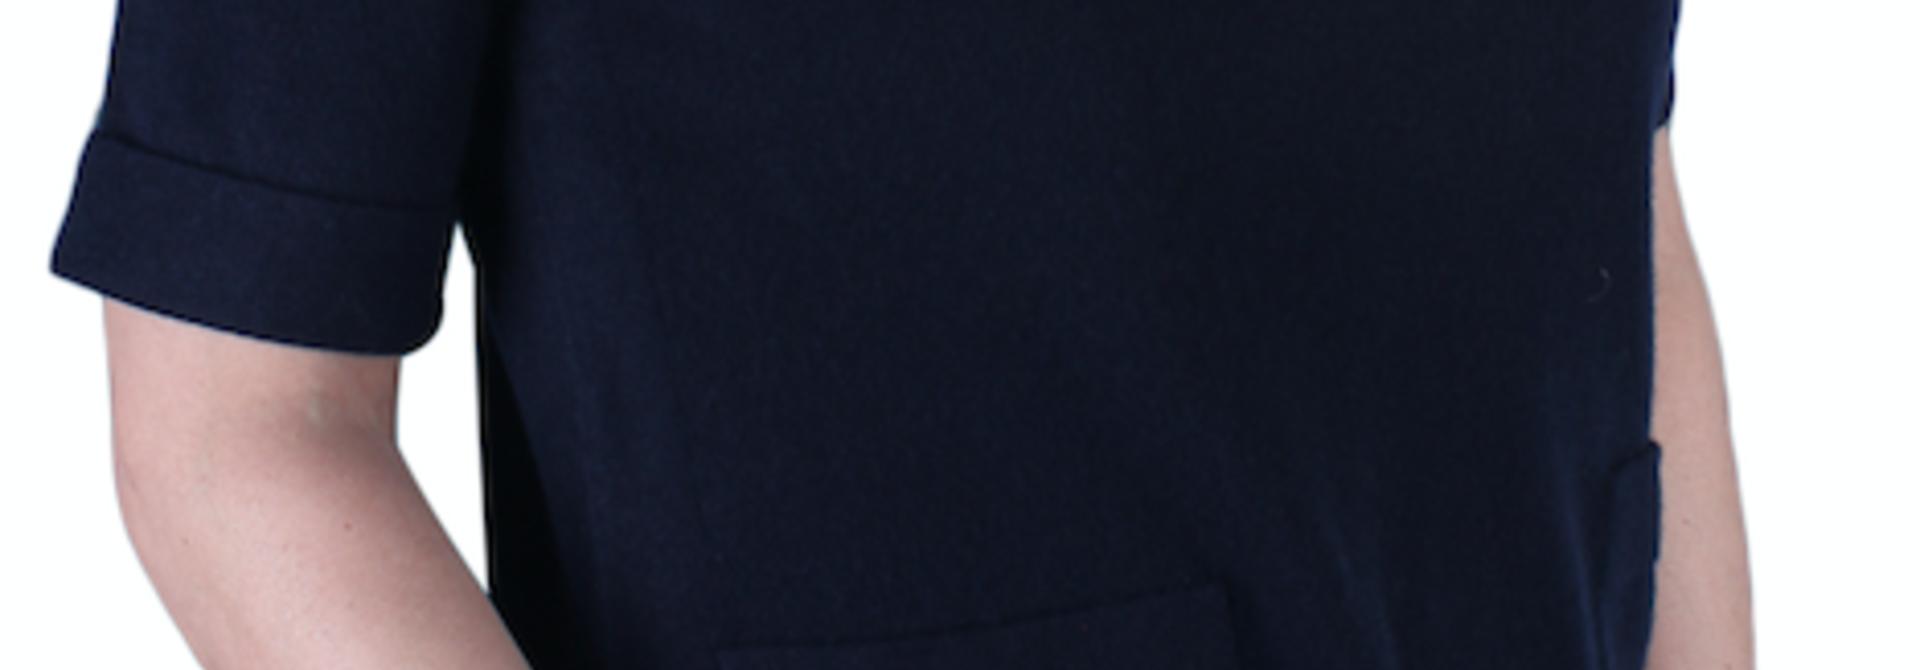 Truitje Repeat (verkrijgbaar in 2 kleuren)